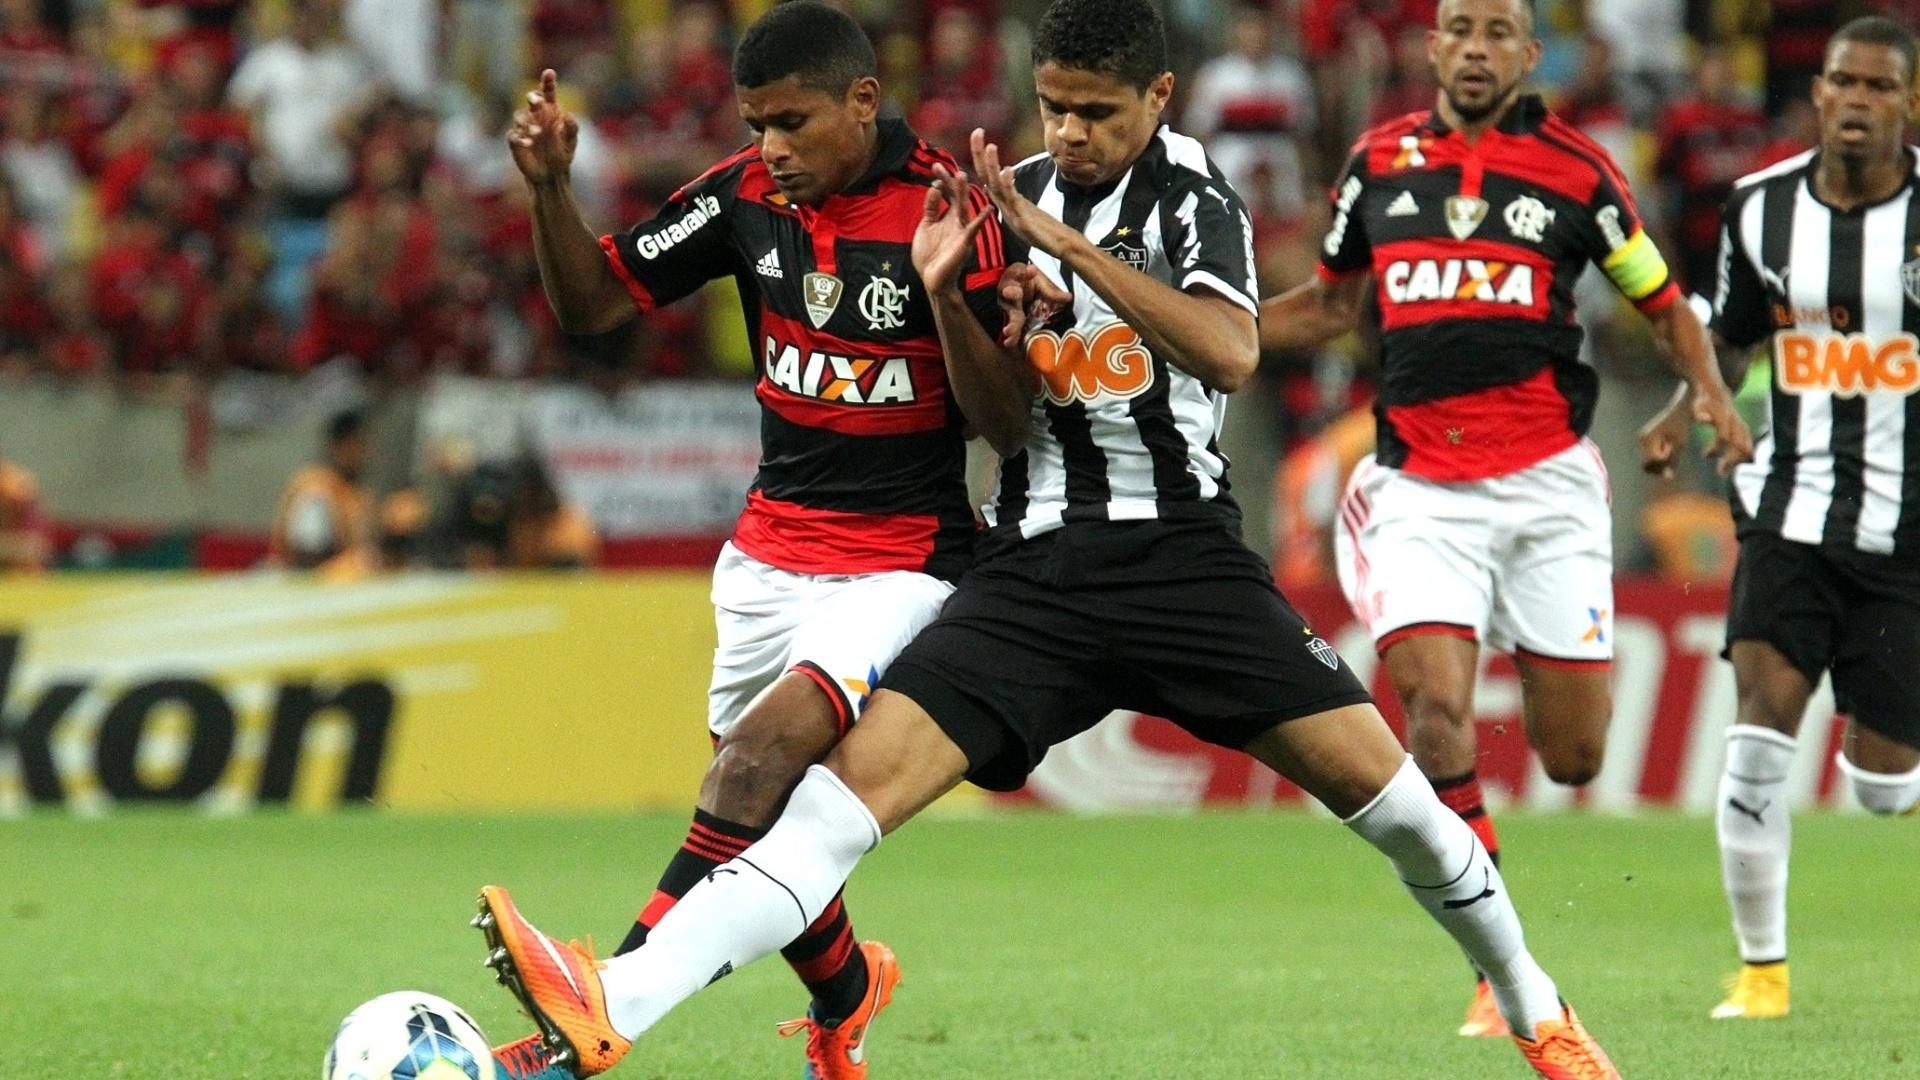 Marcio Araújo divide a bola na partida entre Flamengo e Atlético-MG pela Copa do Brasil